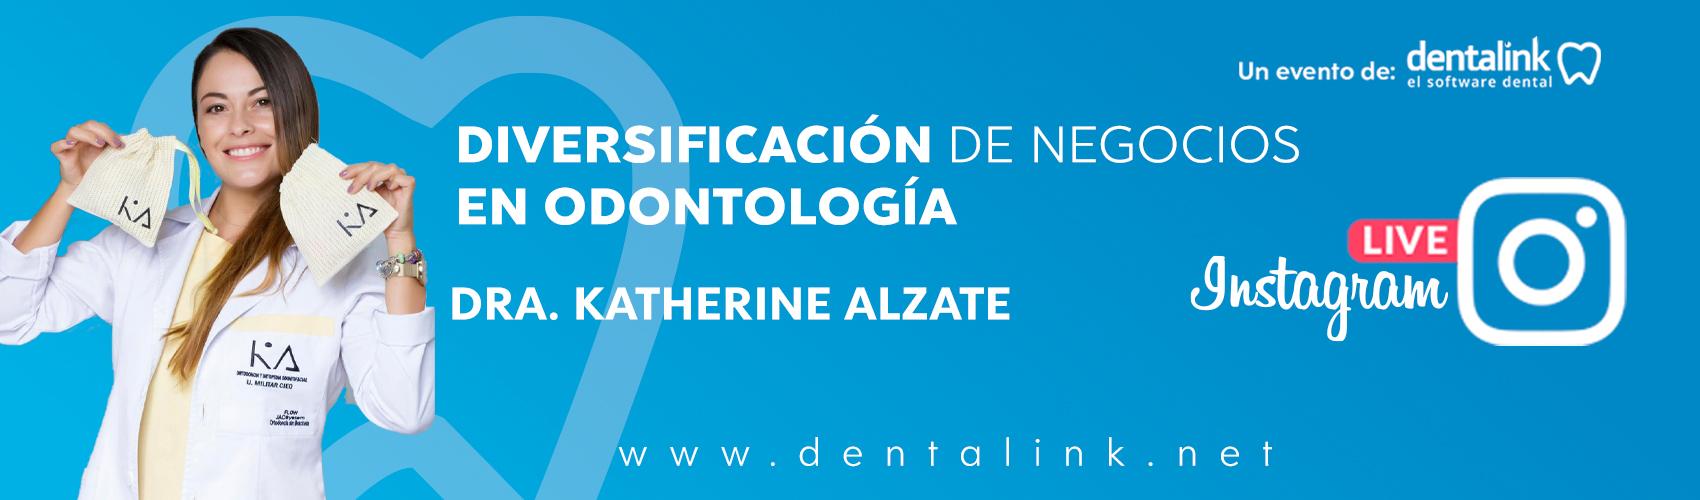 Instagram Live: Diversificación de negocios en Odontología | DENTALINK